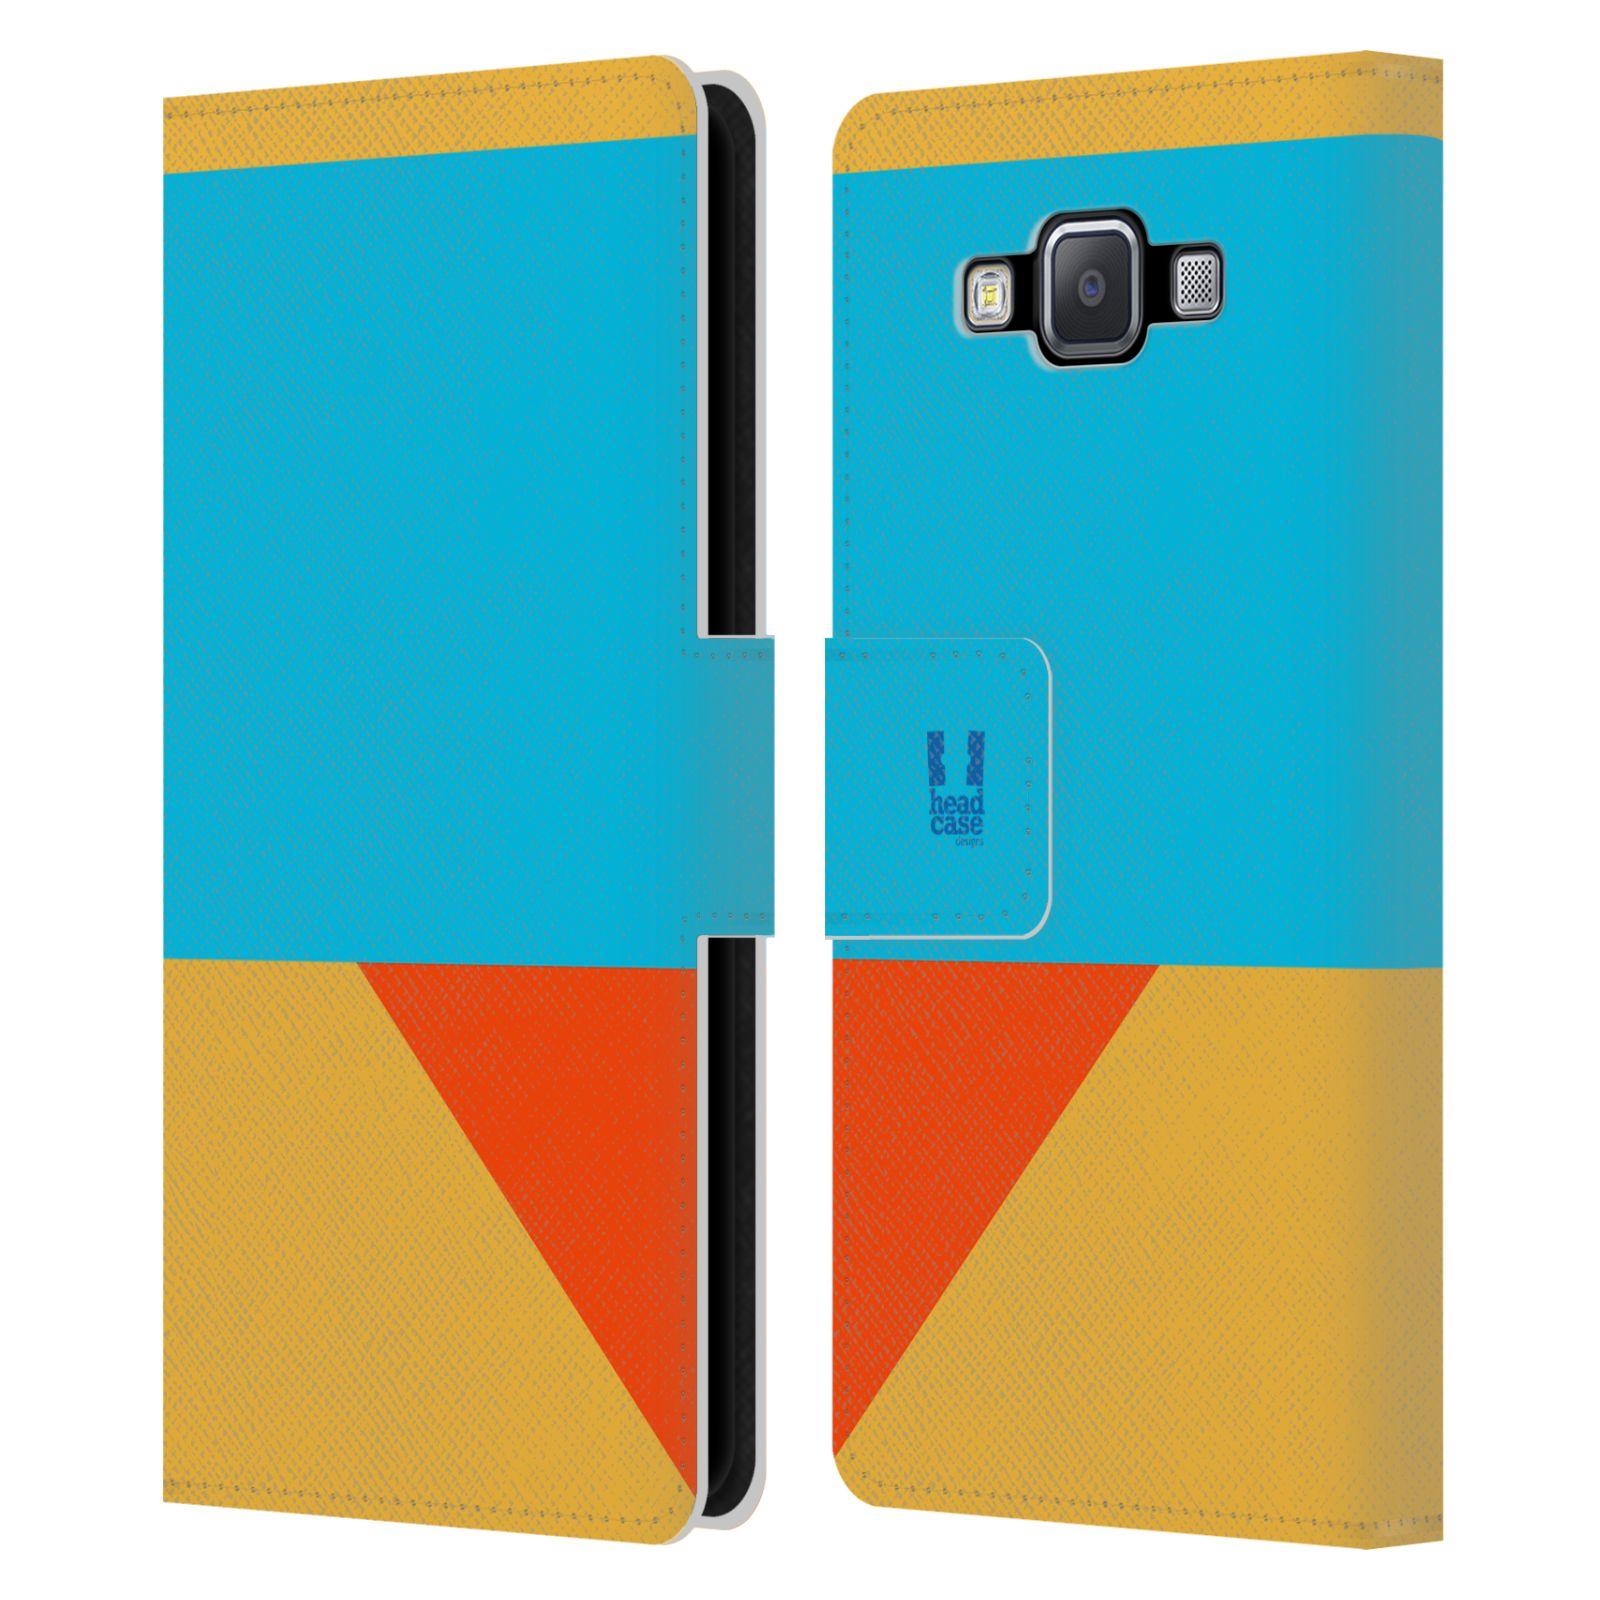 HEAD CASE Flipové pouzdro pro mobil Samsung Galaxy A5 barevné tvary béžová a modrá DAY WEAR